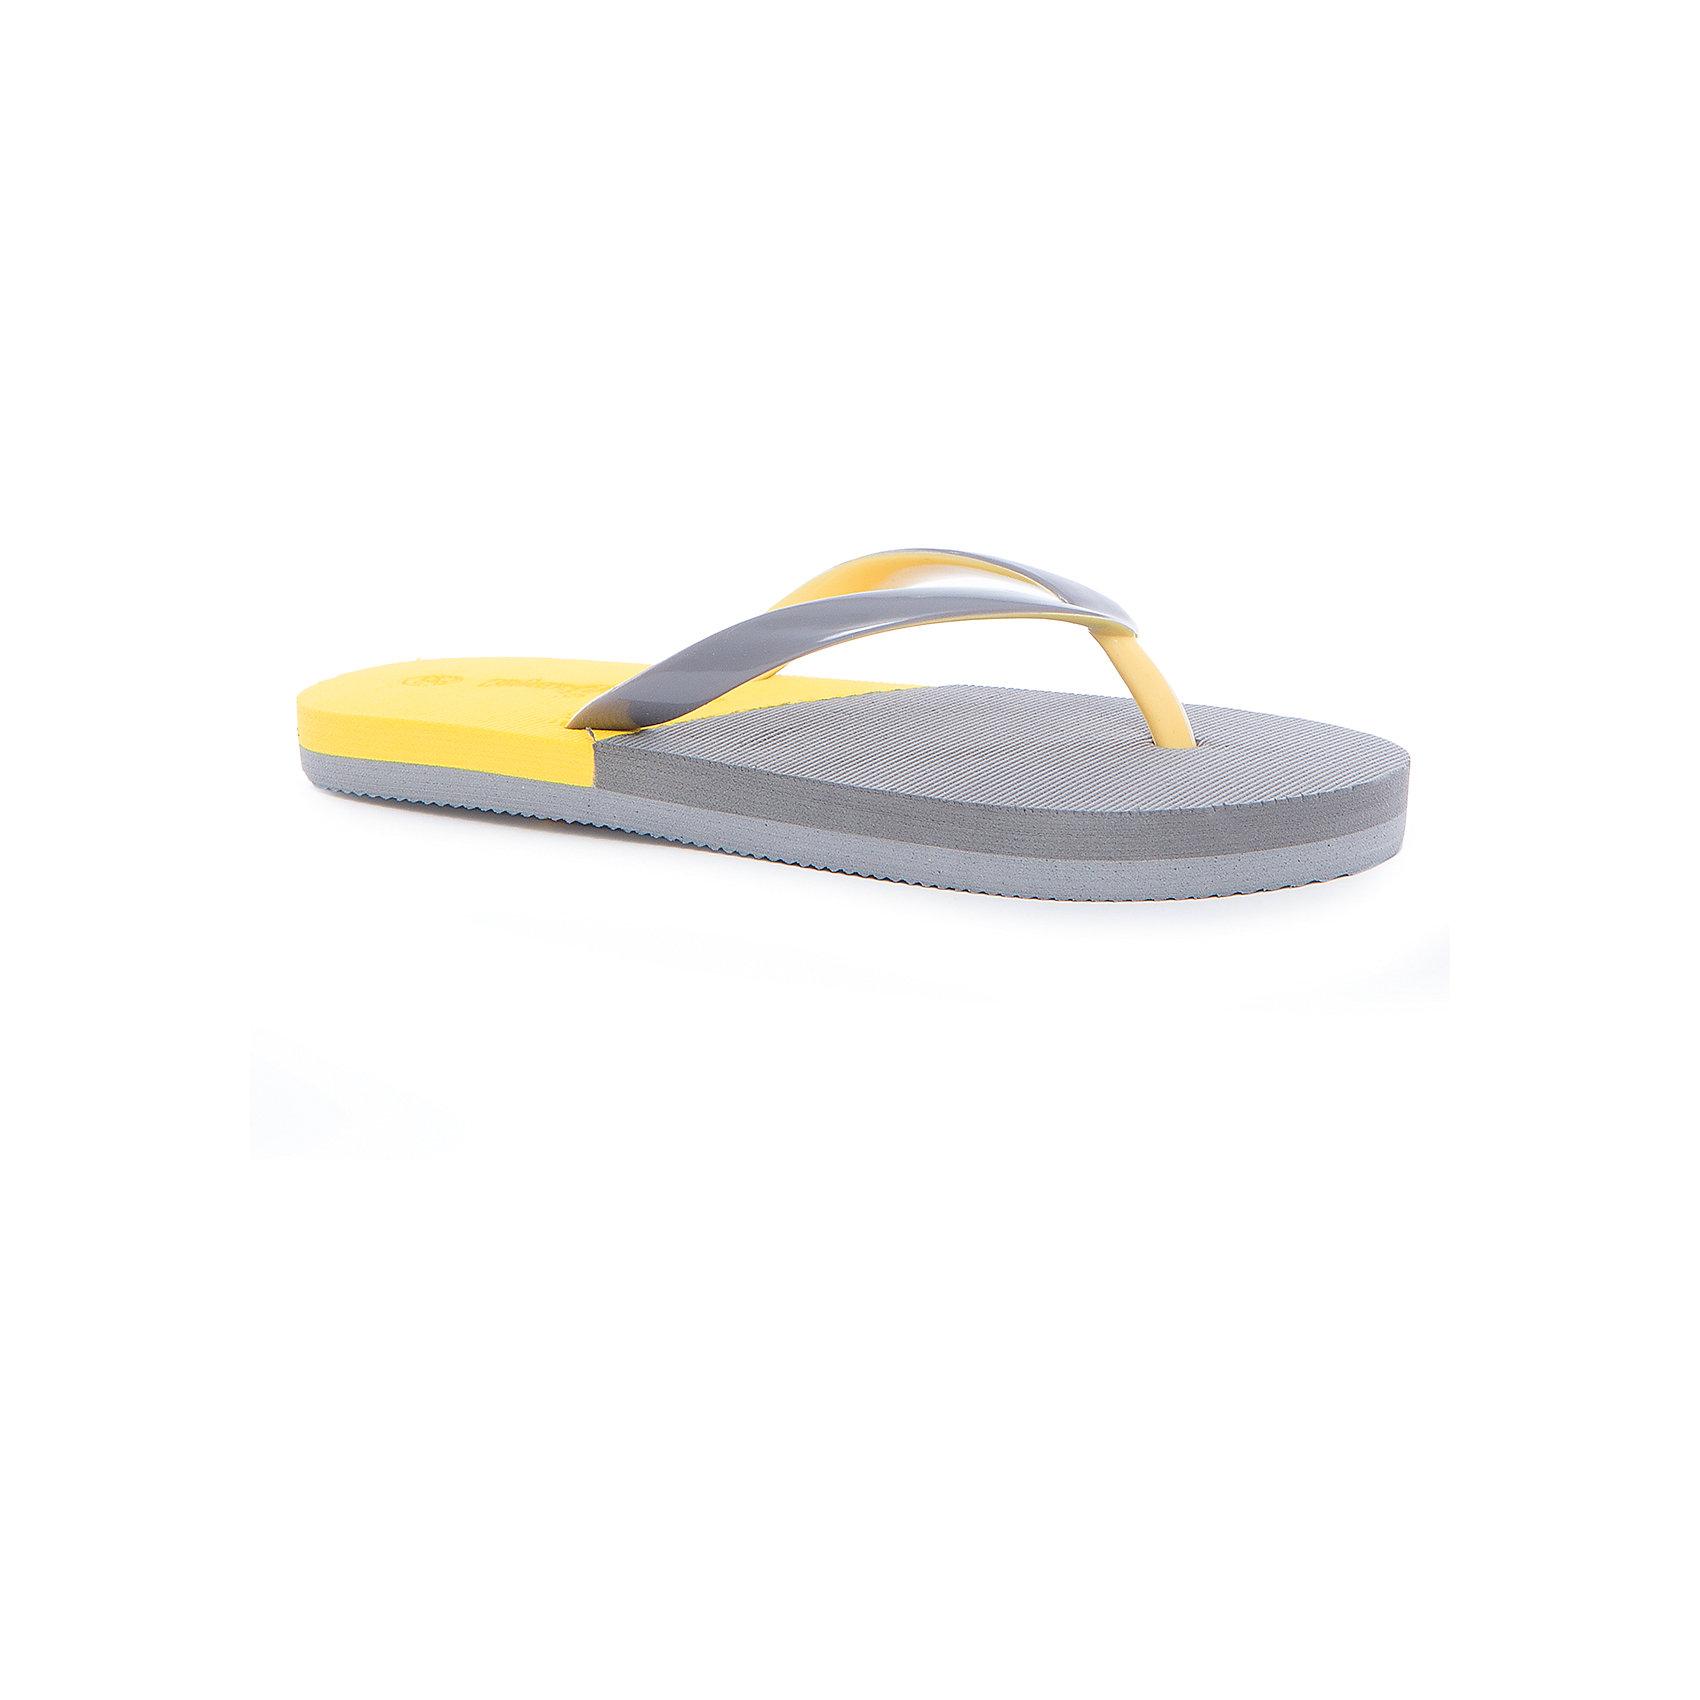 Шлепанцы для мальчика PlayTodayПляжная обувь<br>Пантолеты для мальчика PlayToday<br>Модель выполнена из мягкого водонепроницаемого материала. Контрасный рисунок подошвы выгодно отличает данное изделие<br>Состав:<br>100% поливинилхлорид<br><br>Ширина мм: 225<br>Глубина мм: 139<br>Высота мм: 112<br>Вес г: 290<br>Цвет: разноцветный<br>Возраст от месяцев: 120<br>Возраст до месяцев: 132<br>Пол: Мужской<br>Возраст: Детский<br>Размер: 34,28,29,30,31,32,33<br>SKU: 5403499